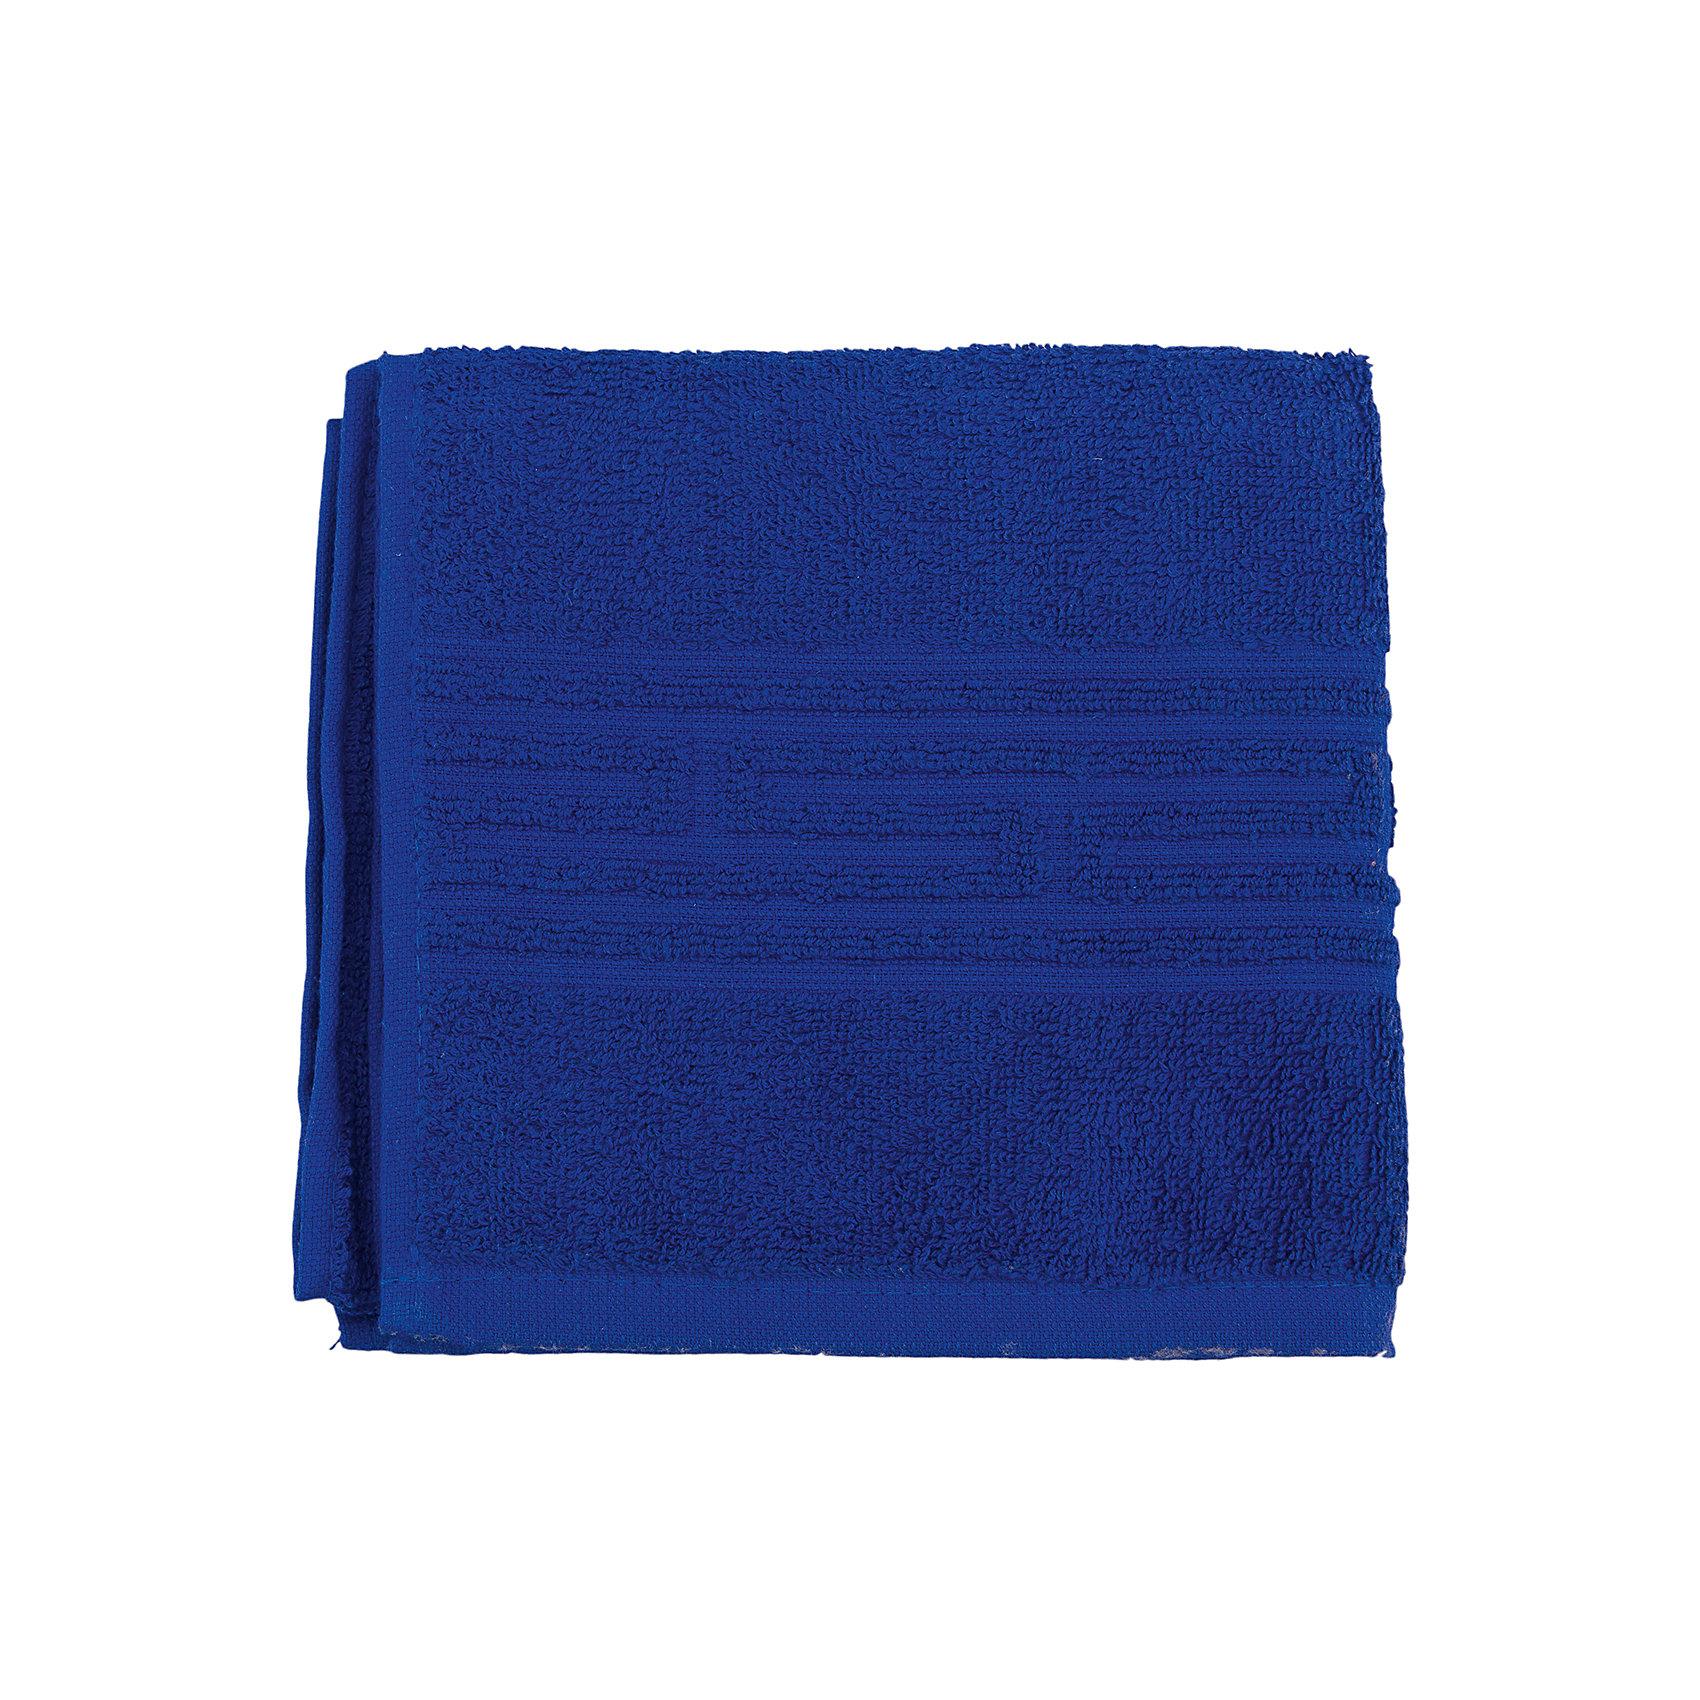 Полотенце махровое Greek 40*75, Португалия, синий